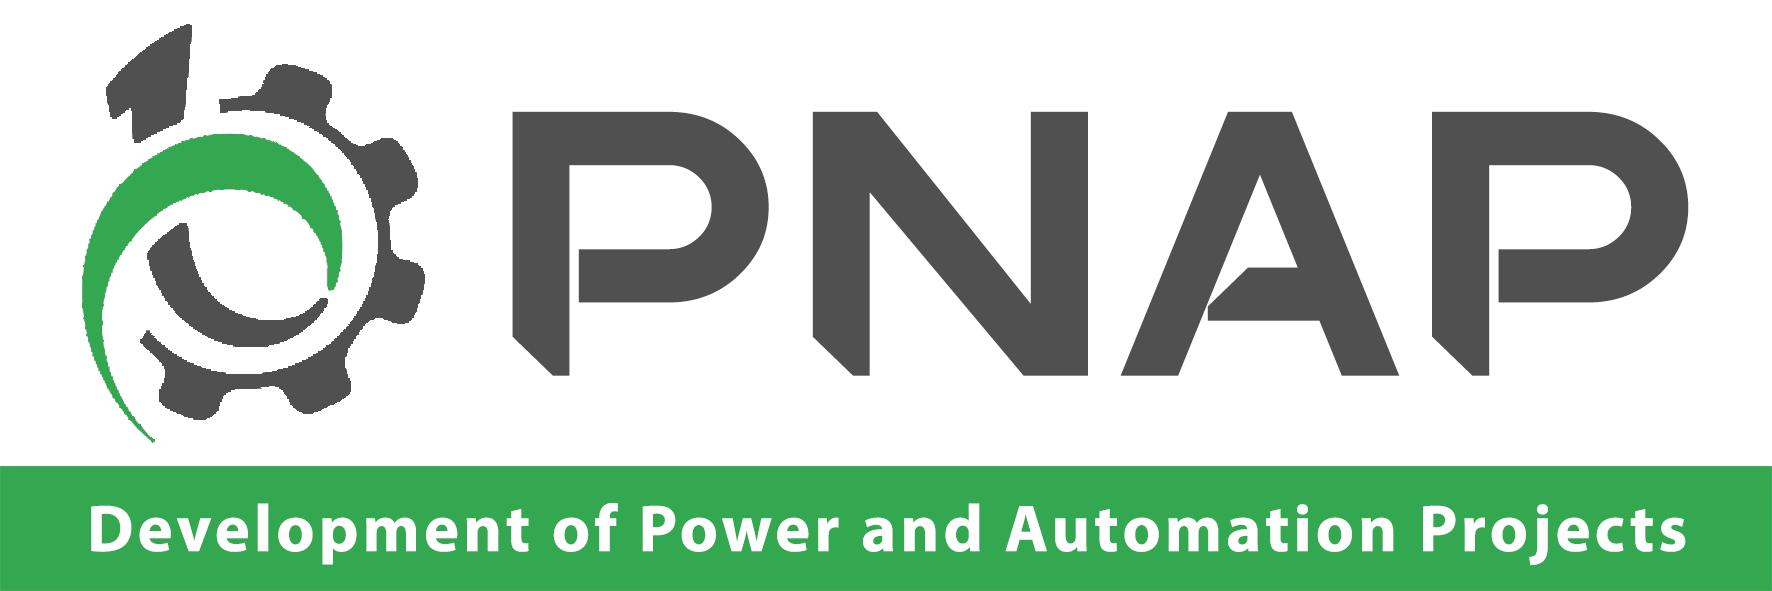 گروه توسعه ی پاژ | شرکت پناپ , تامین کننده تجهیزات اتوماسیون زیمنس